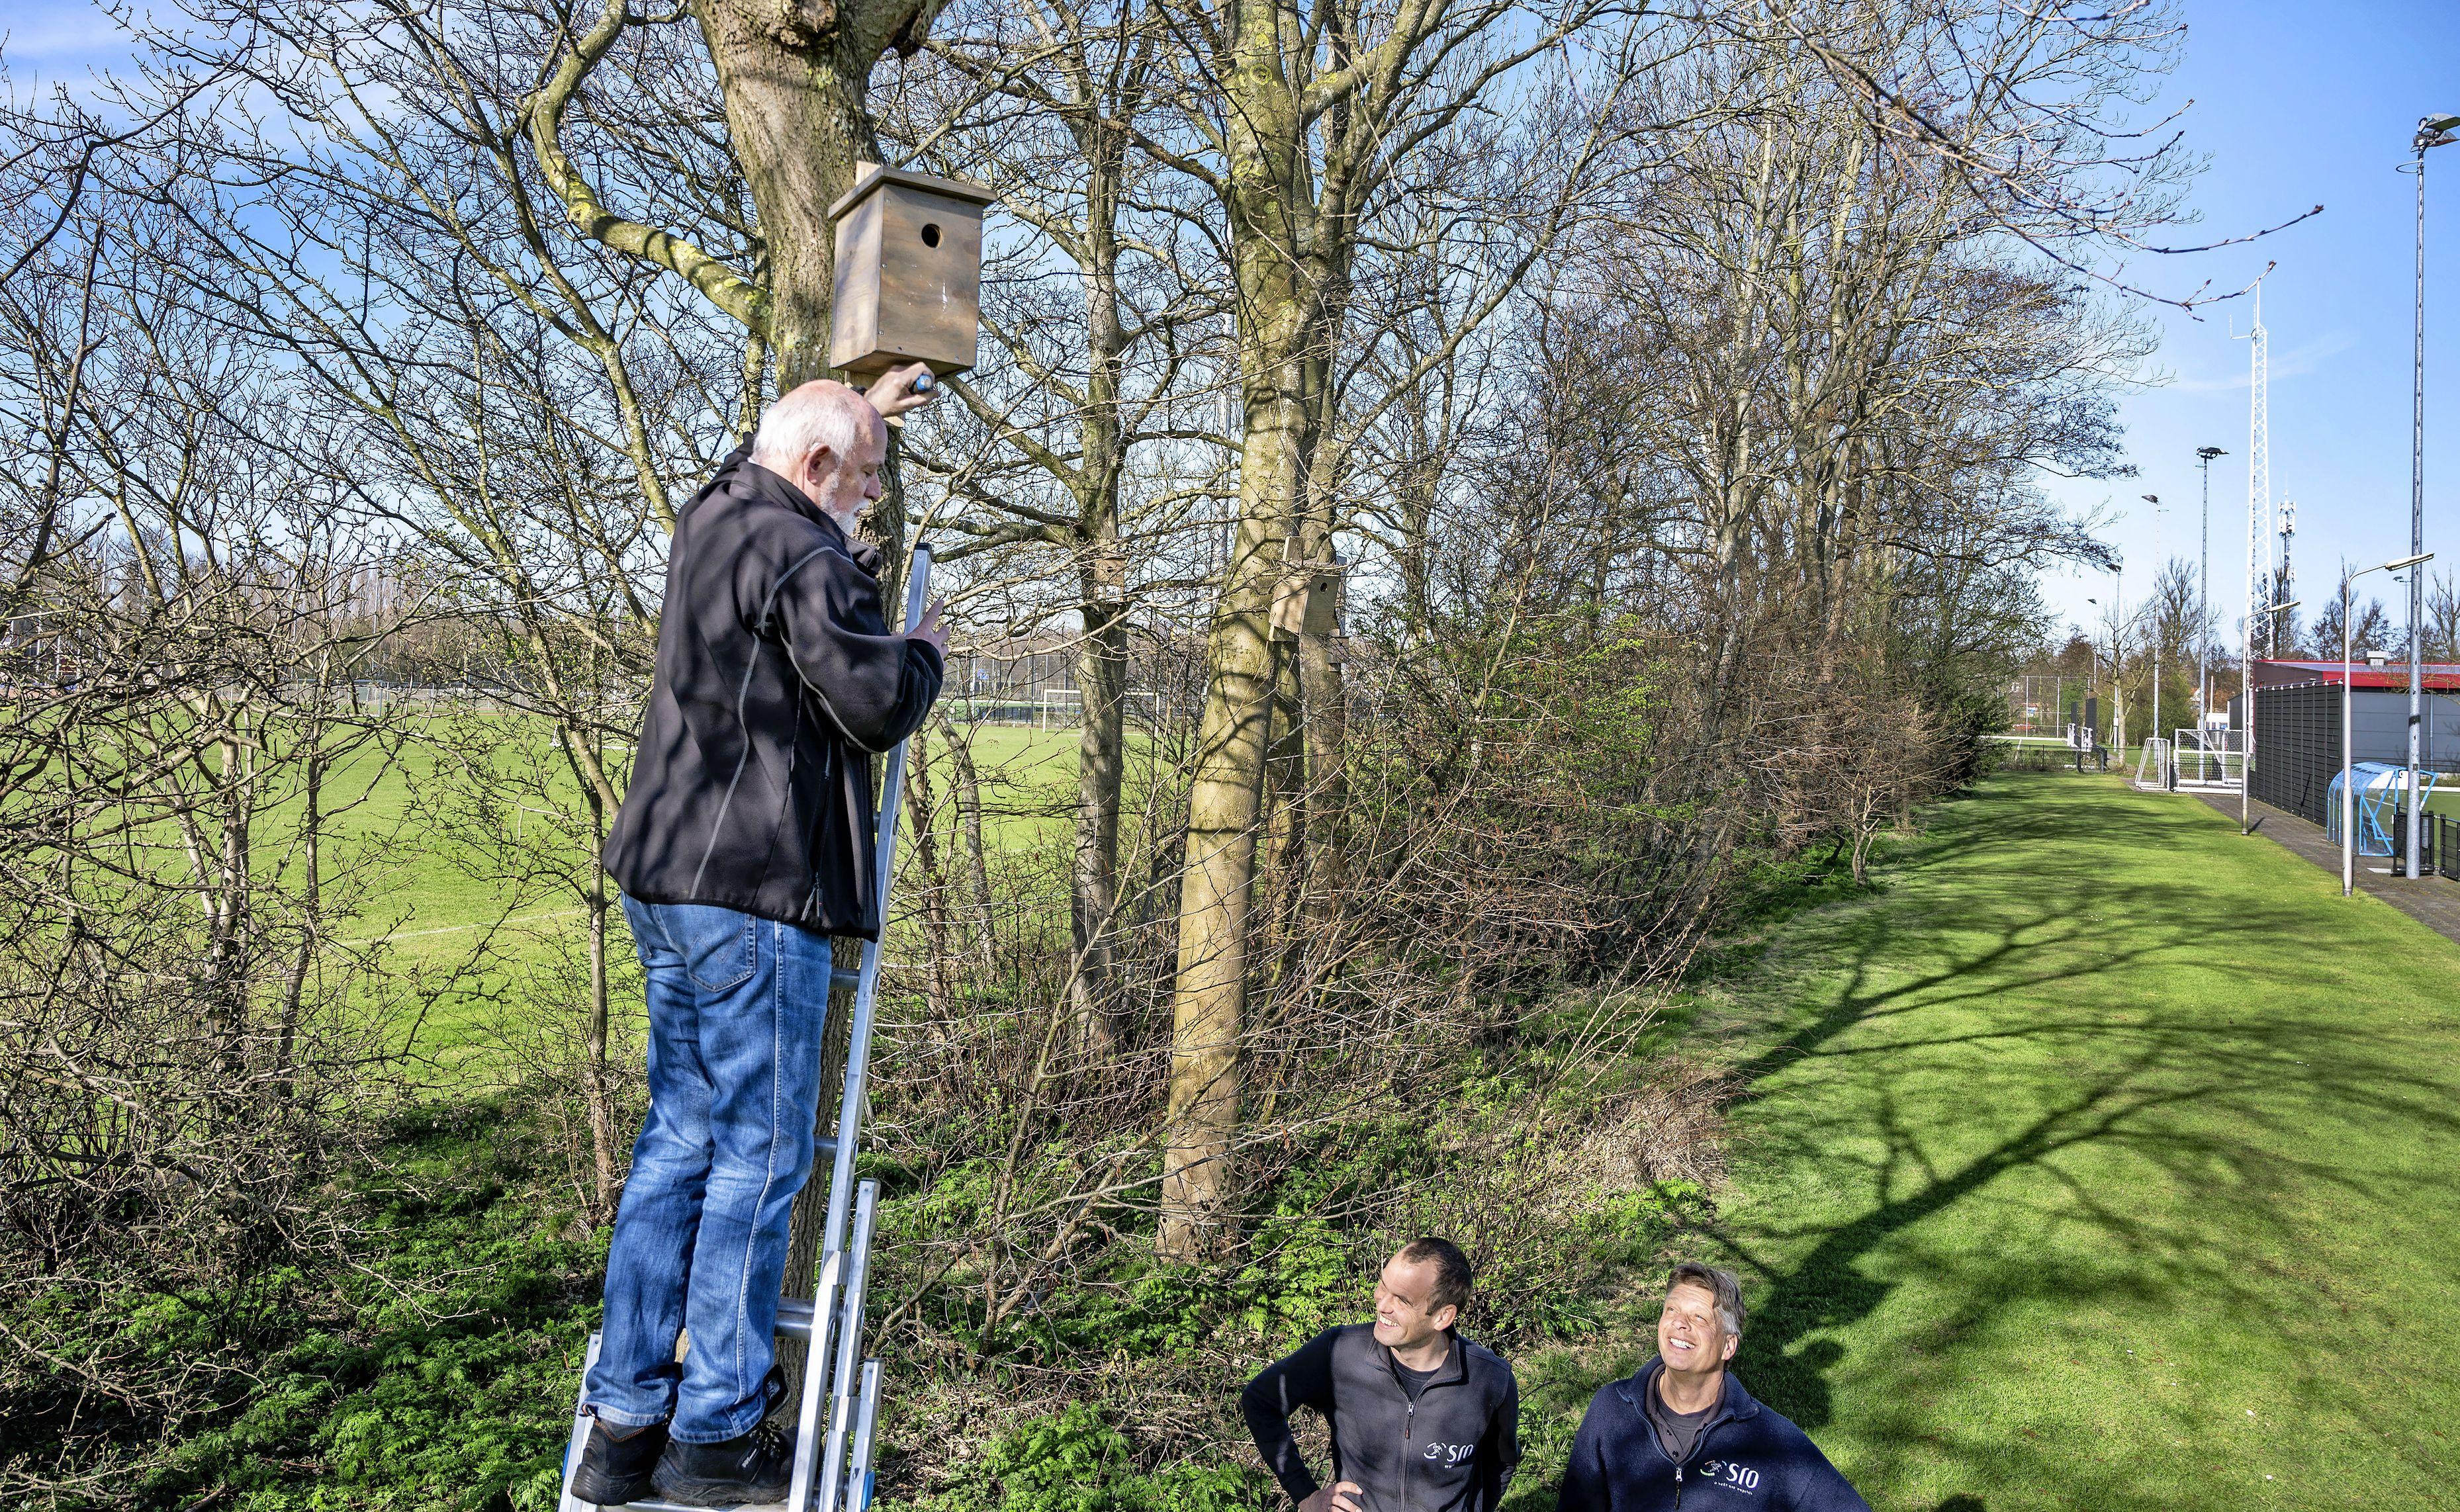 Tientallen nestkastjes opgehangen in bomen rond sportcomplexen. 'Hulptroepen' houden velden vrij van engerlingen